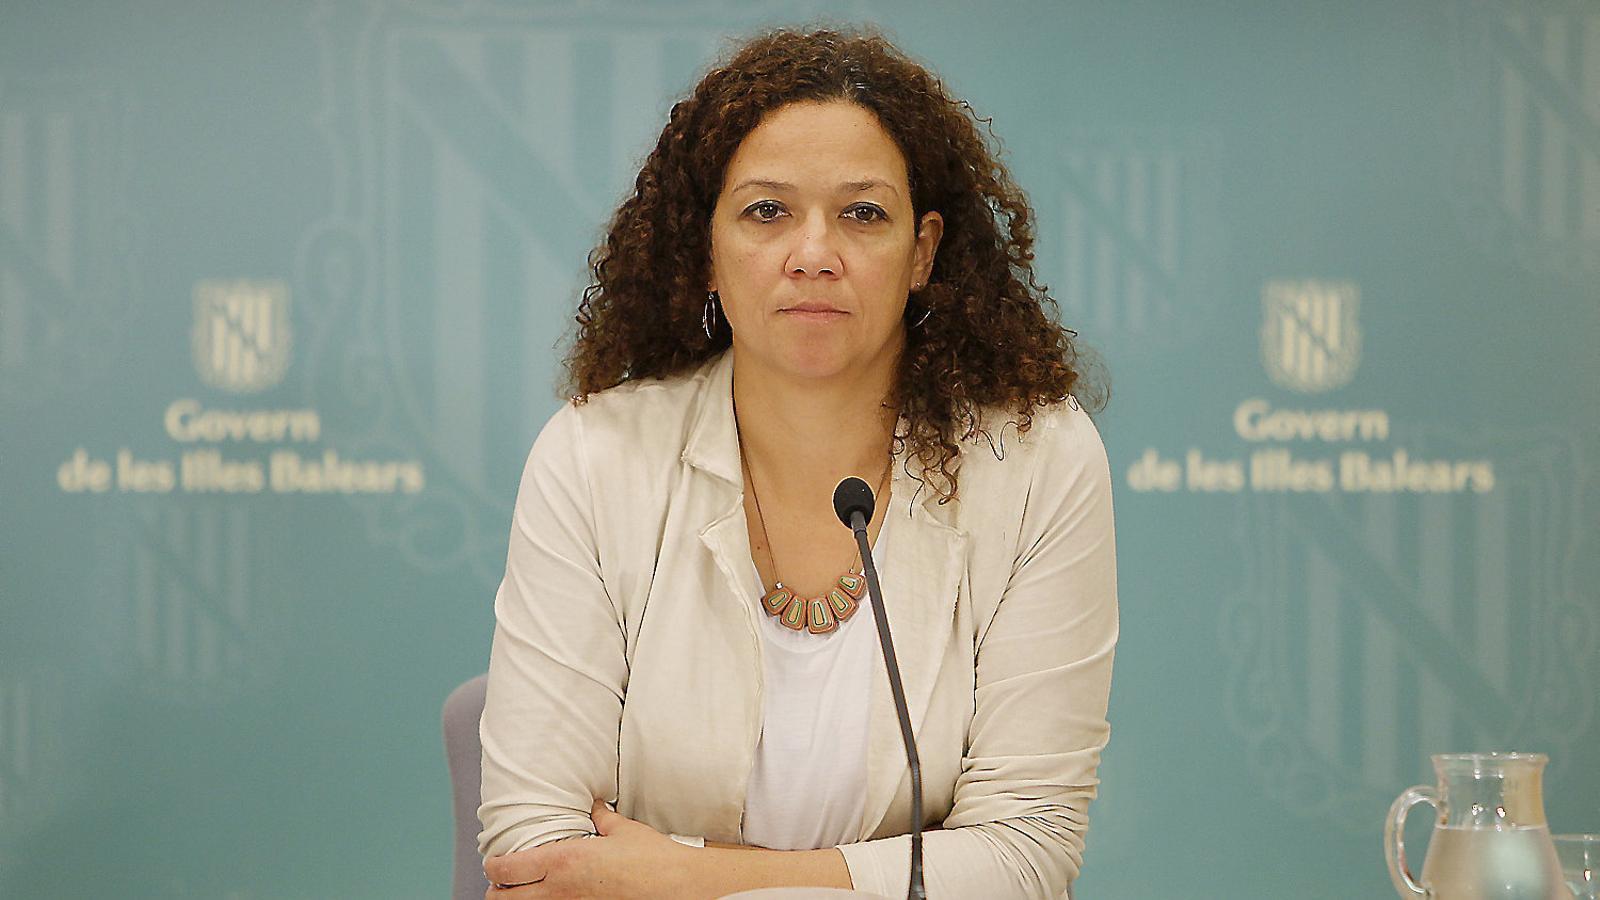 La consellera d'Administracions Públiques, Catalina Cladera, en una imatge d'arxiu.